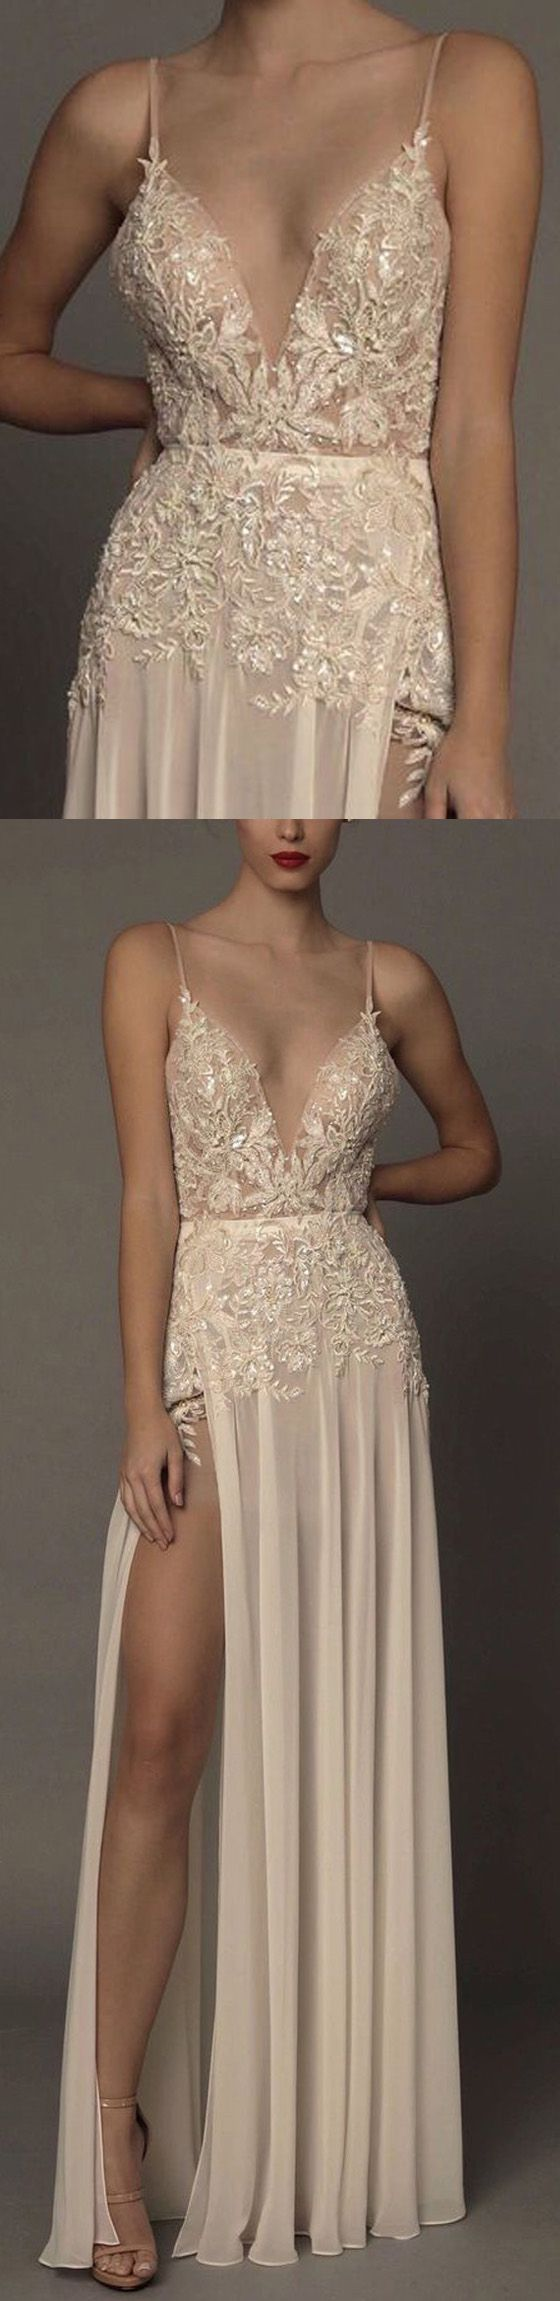 Sexy prom dress, v neck prom dress, side split prom dress, formal prom dress, evening dress, cheap prom dress, 15472 #promdress #prom #promdresses #longpromdress #eveningdress